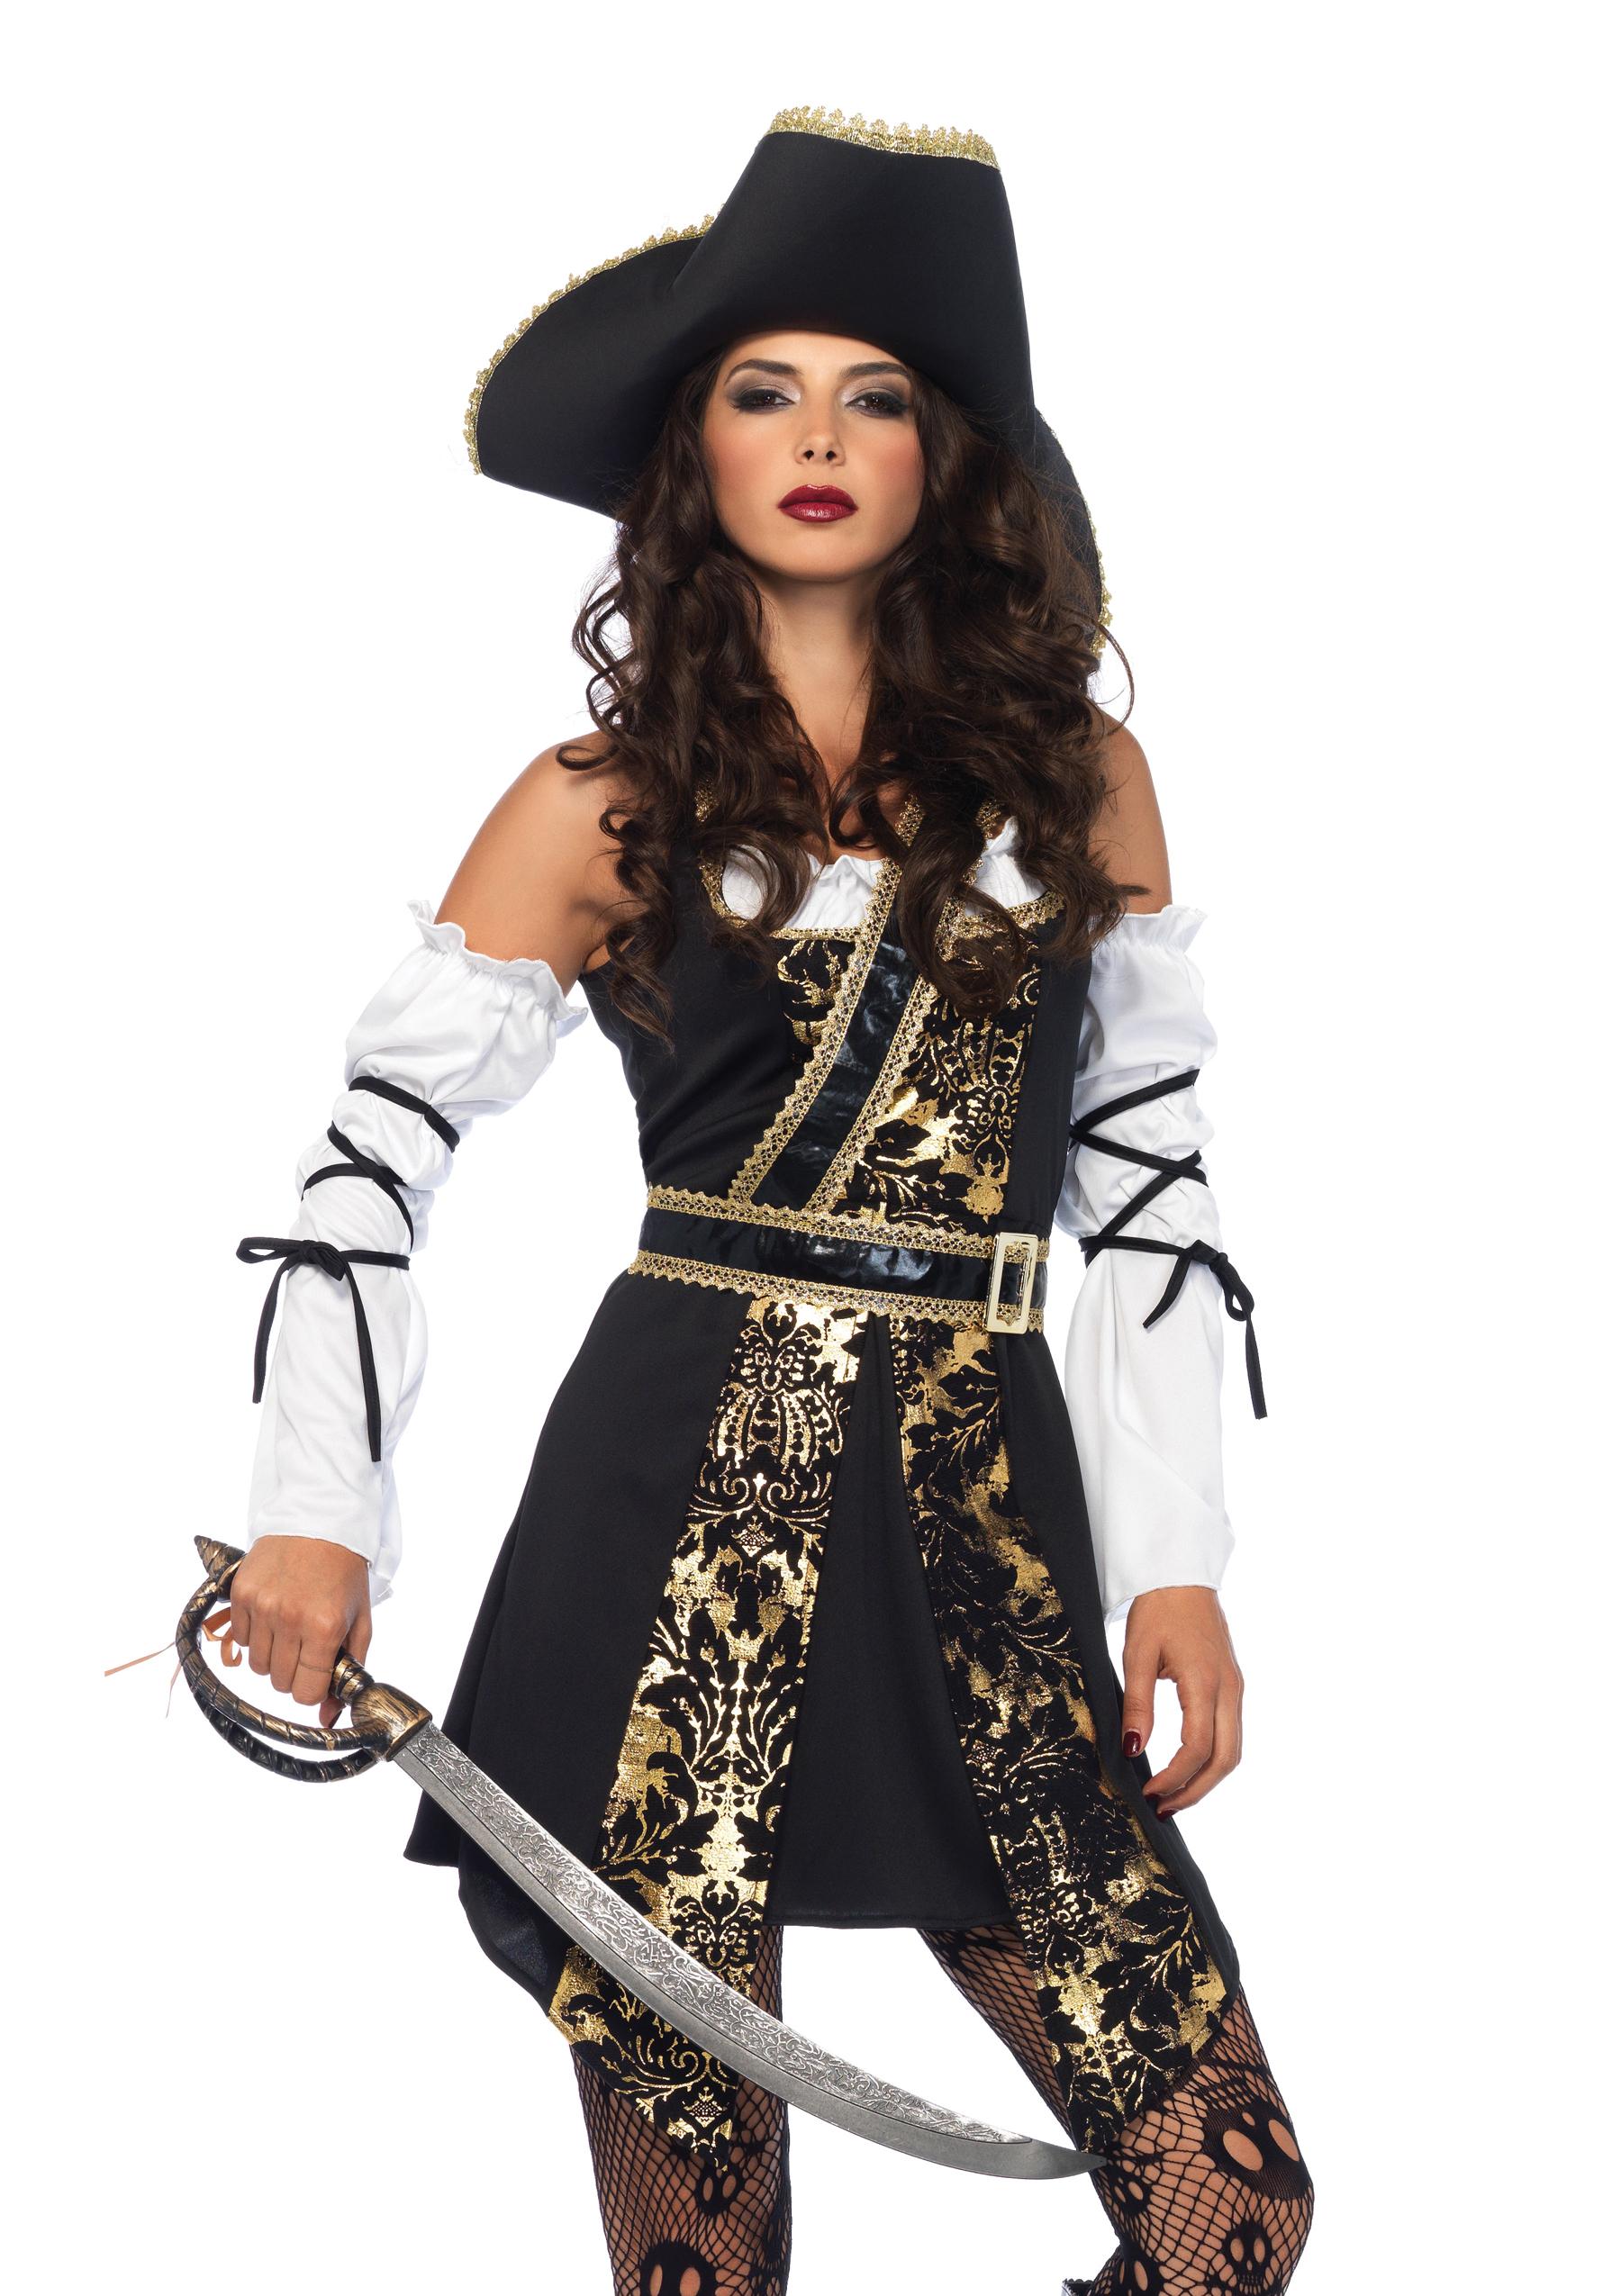 Leg Avenue Leg Avenue Black Sea Buccaneer 4 Piece Costume PartNumber: 3ZZVA92382912P MfgPartNumber: 855630